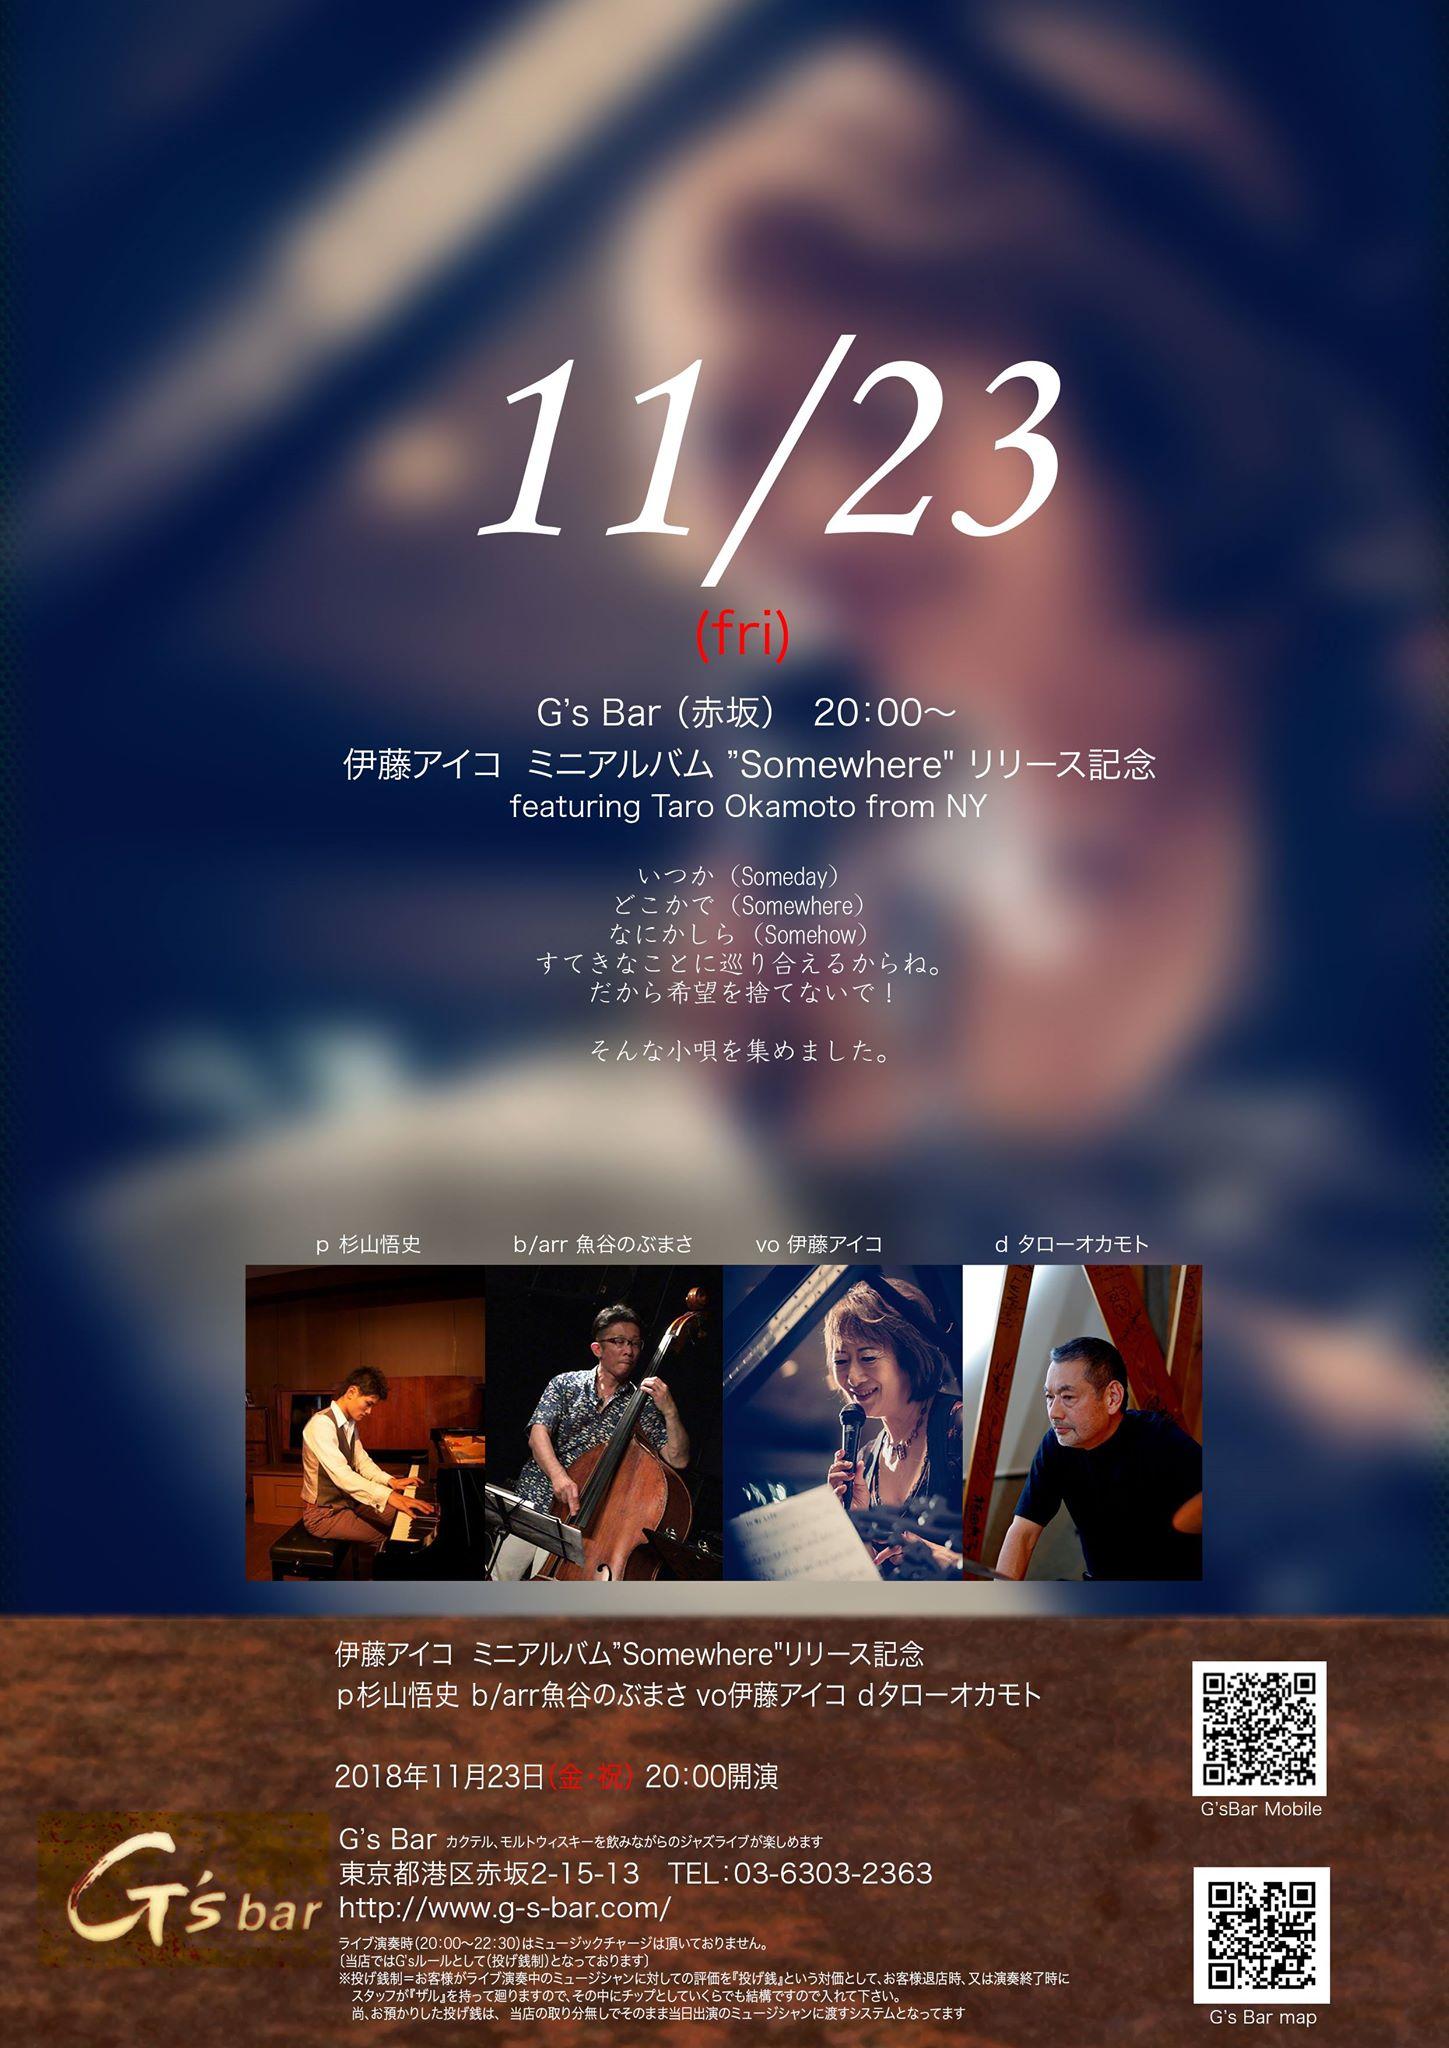 11月23日(金祝)ミニアルバムリリース記念ライブ @G's Bar(赤坂)